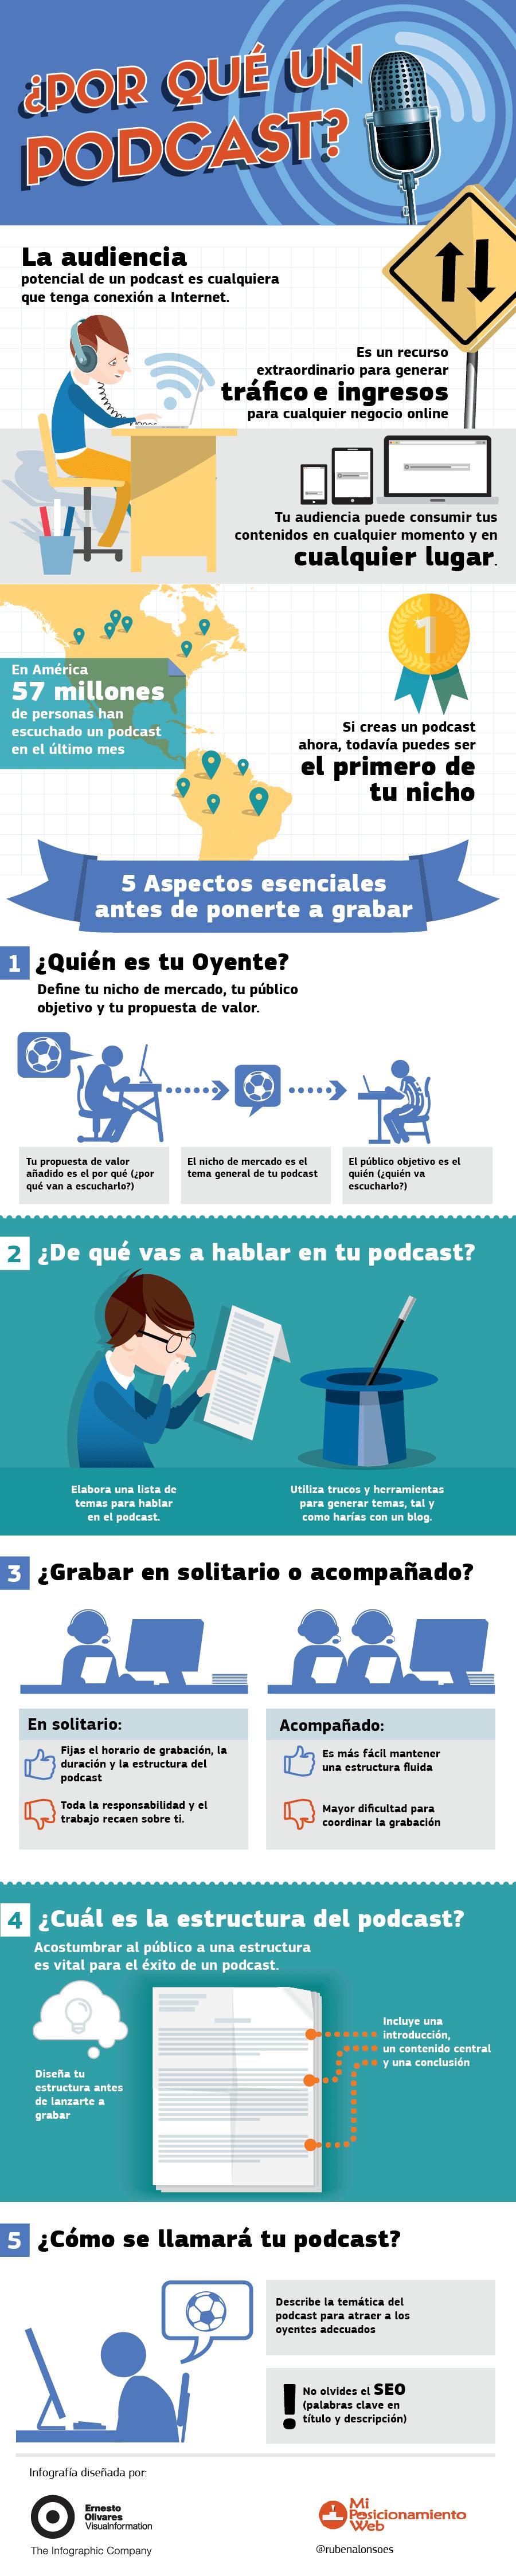 ¿Por qué crear un Podcast?